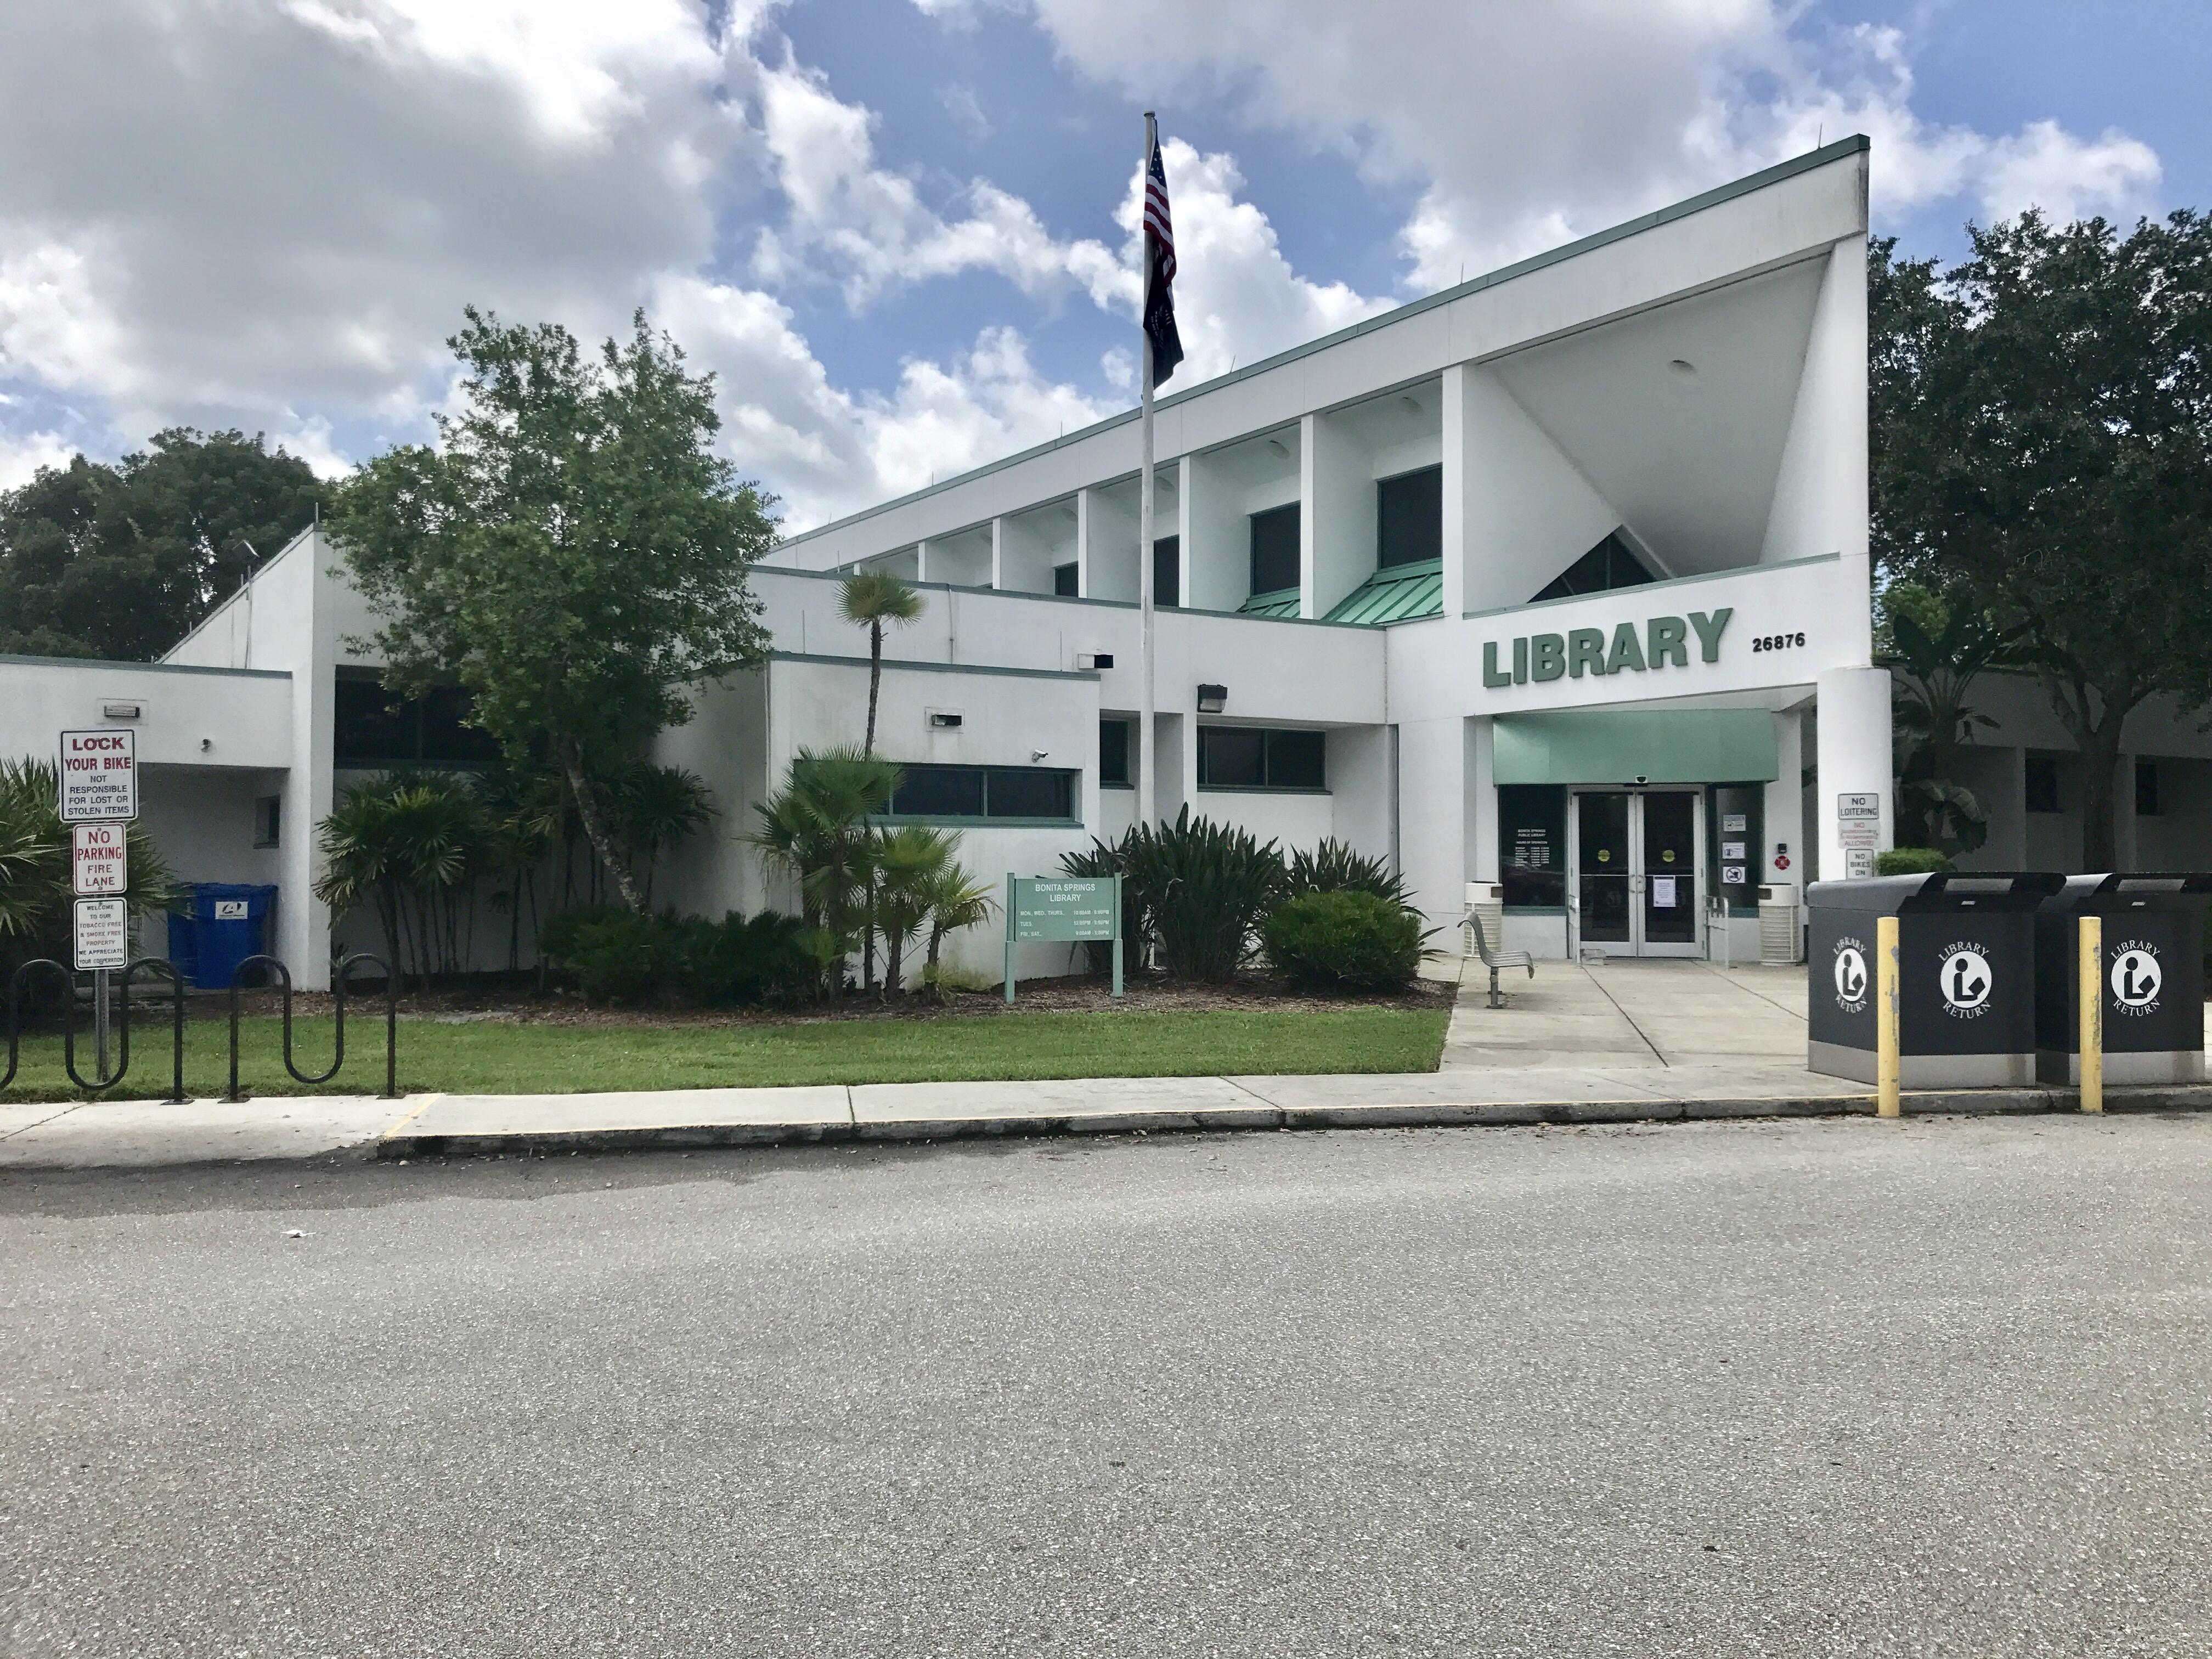 Bonita Springs Public Library